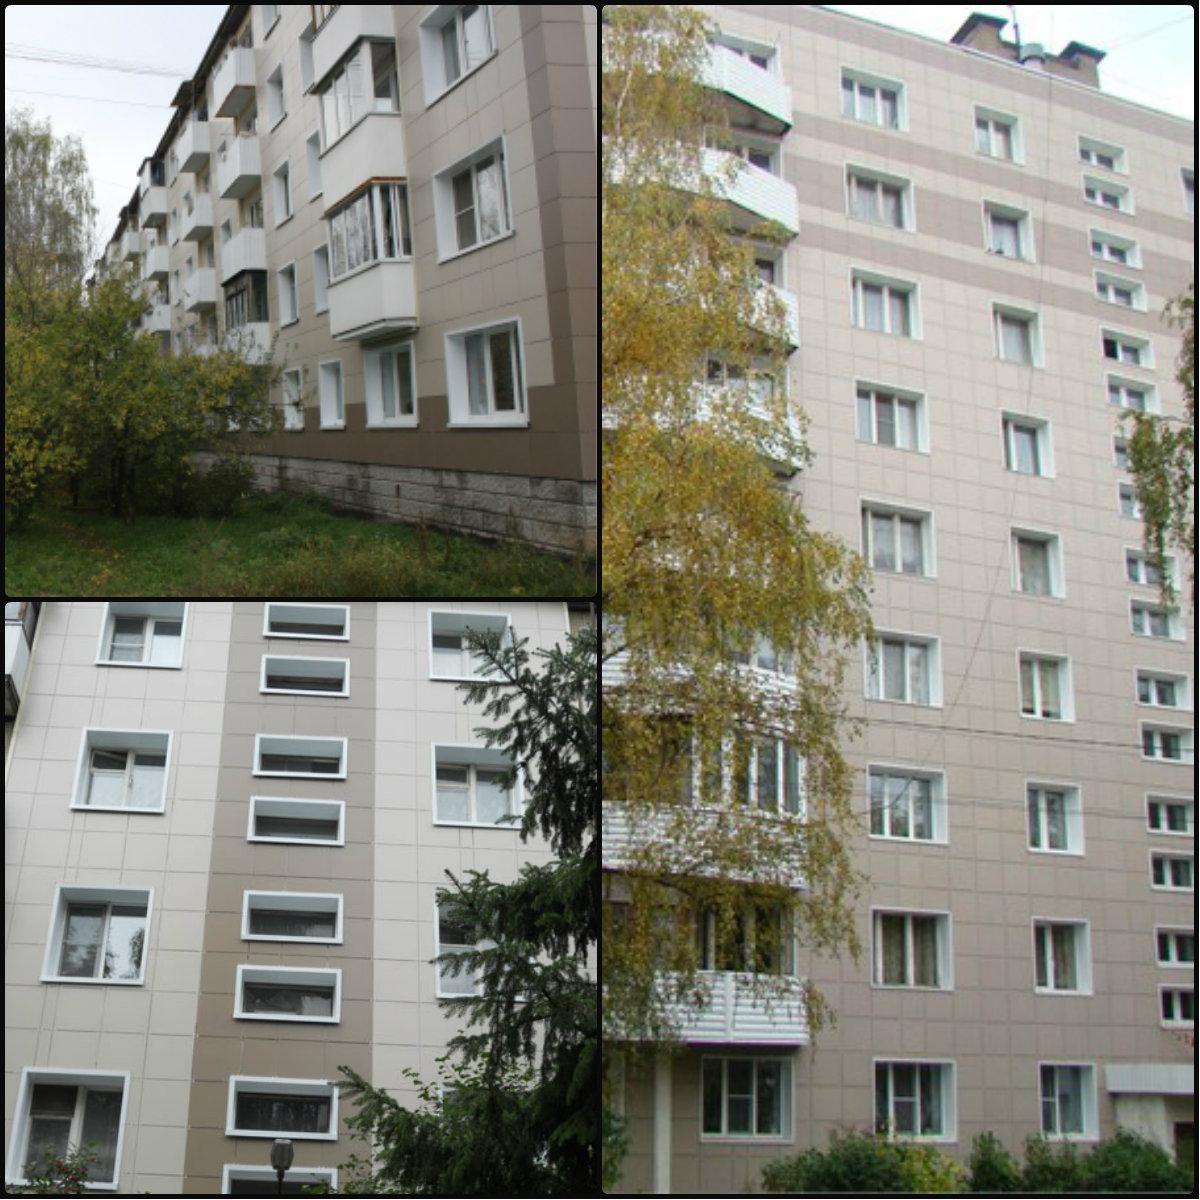 Облицовка фасада жилых домов керамогранитом г. Клин